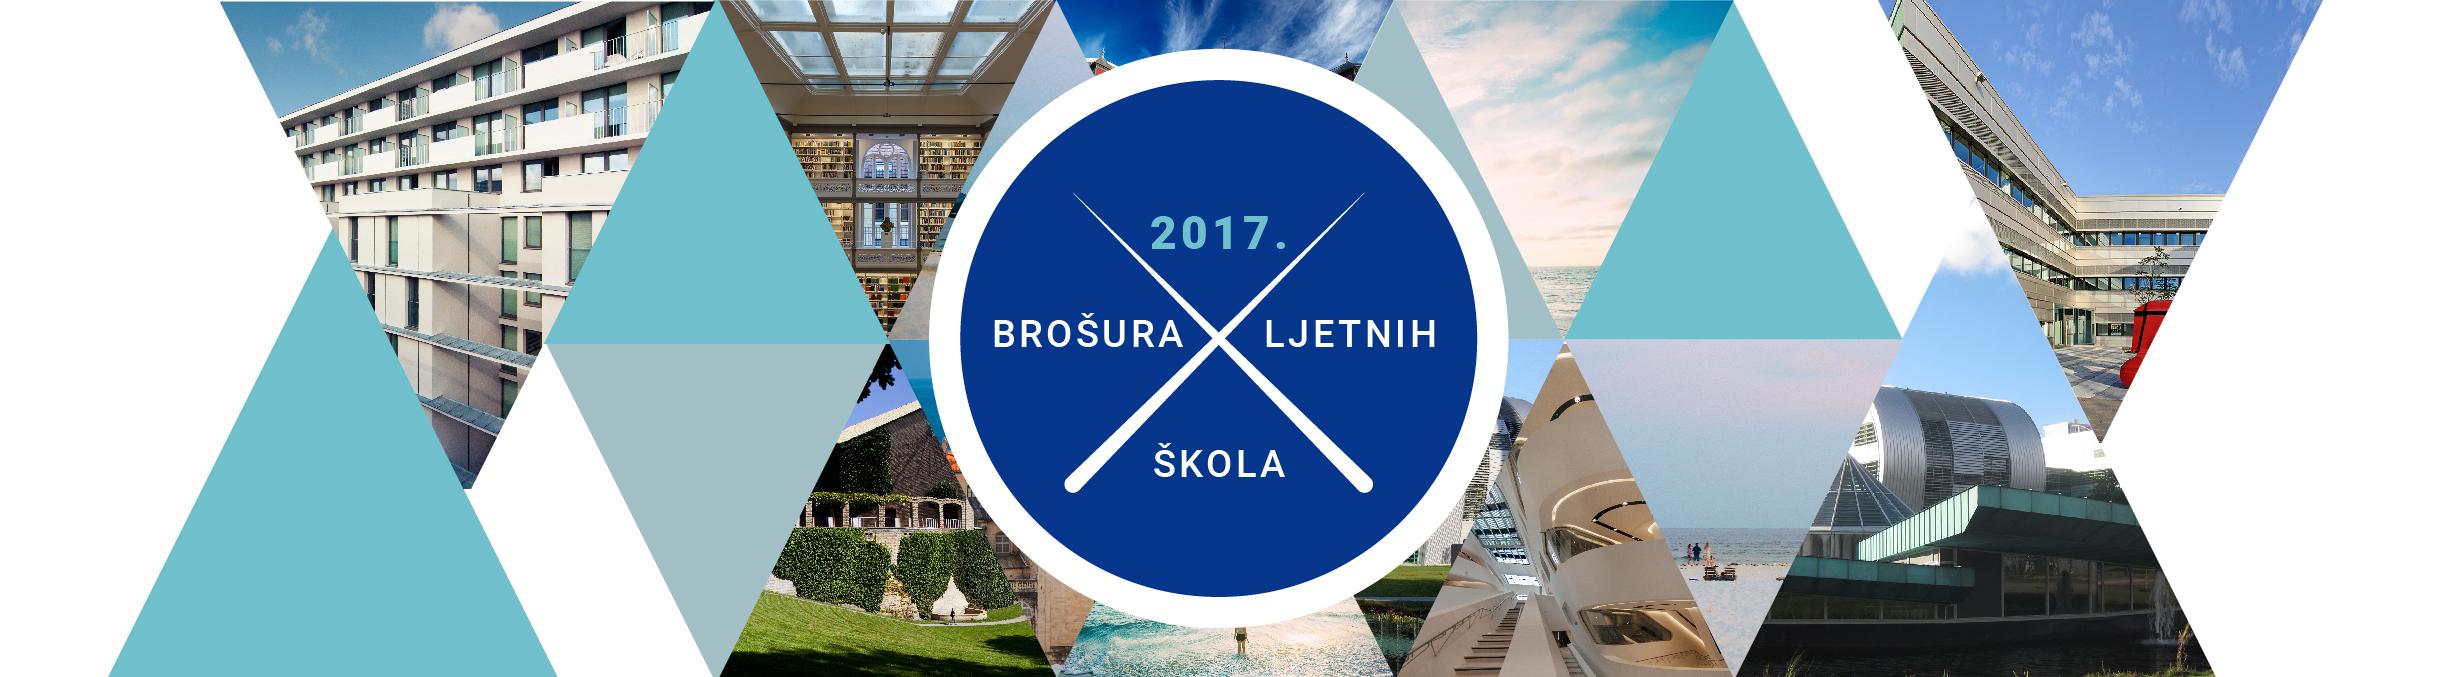 brosura_lj_skola_2017_header